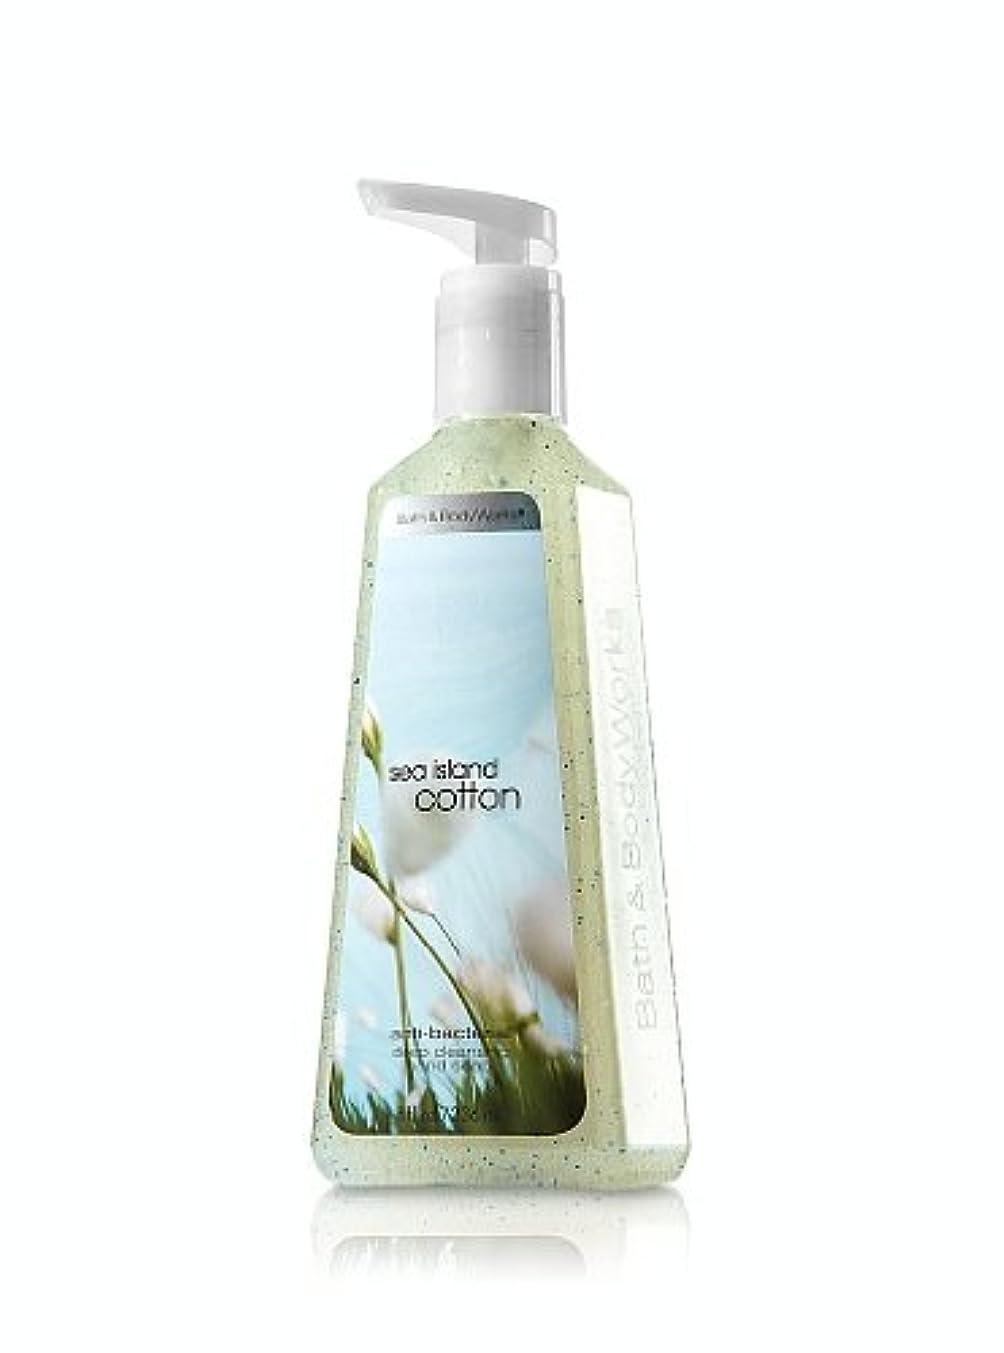 サーバチャペルかわいらしいバス&ボディワークス シーアイランドコットン ディープクレンジングハンドソープ Sea Island Cotton Deep Cleansing Hand Soap [並行輸入品]